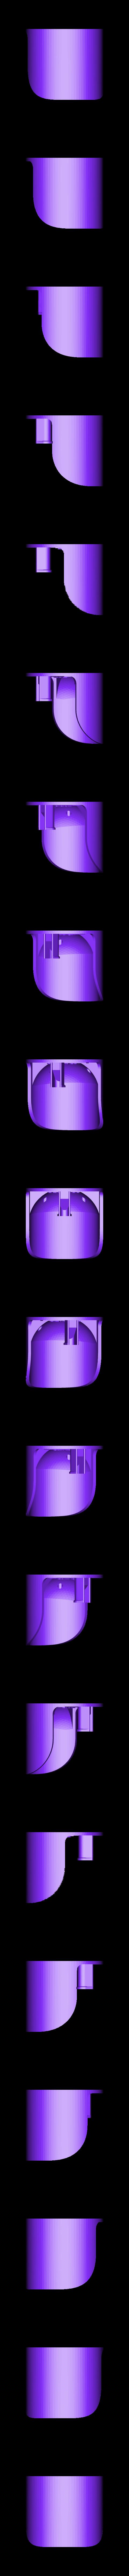 Bridle_Rack_-_Enhanced_8_merged.stl Télécharger fichier STL gratuit Support à bride amélioré • Modèle imprimable en 3D, 3D-Designs